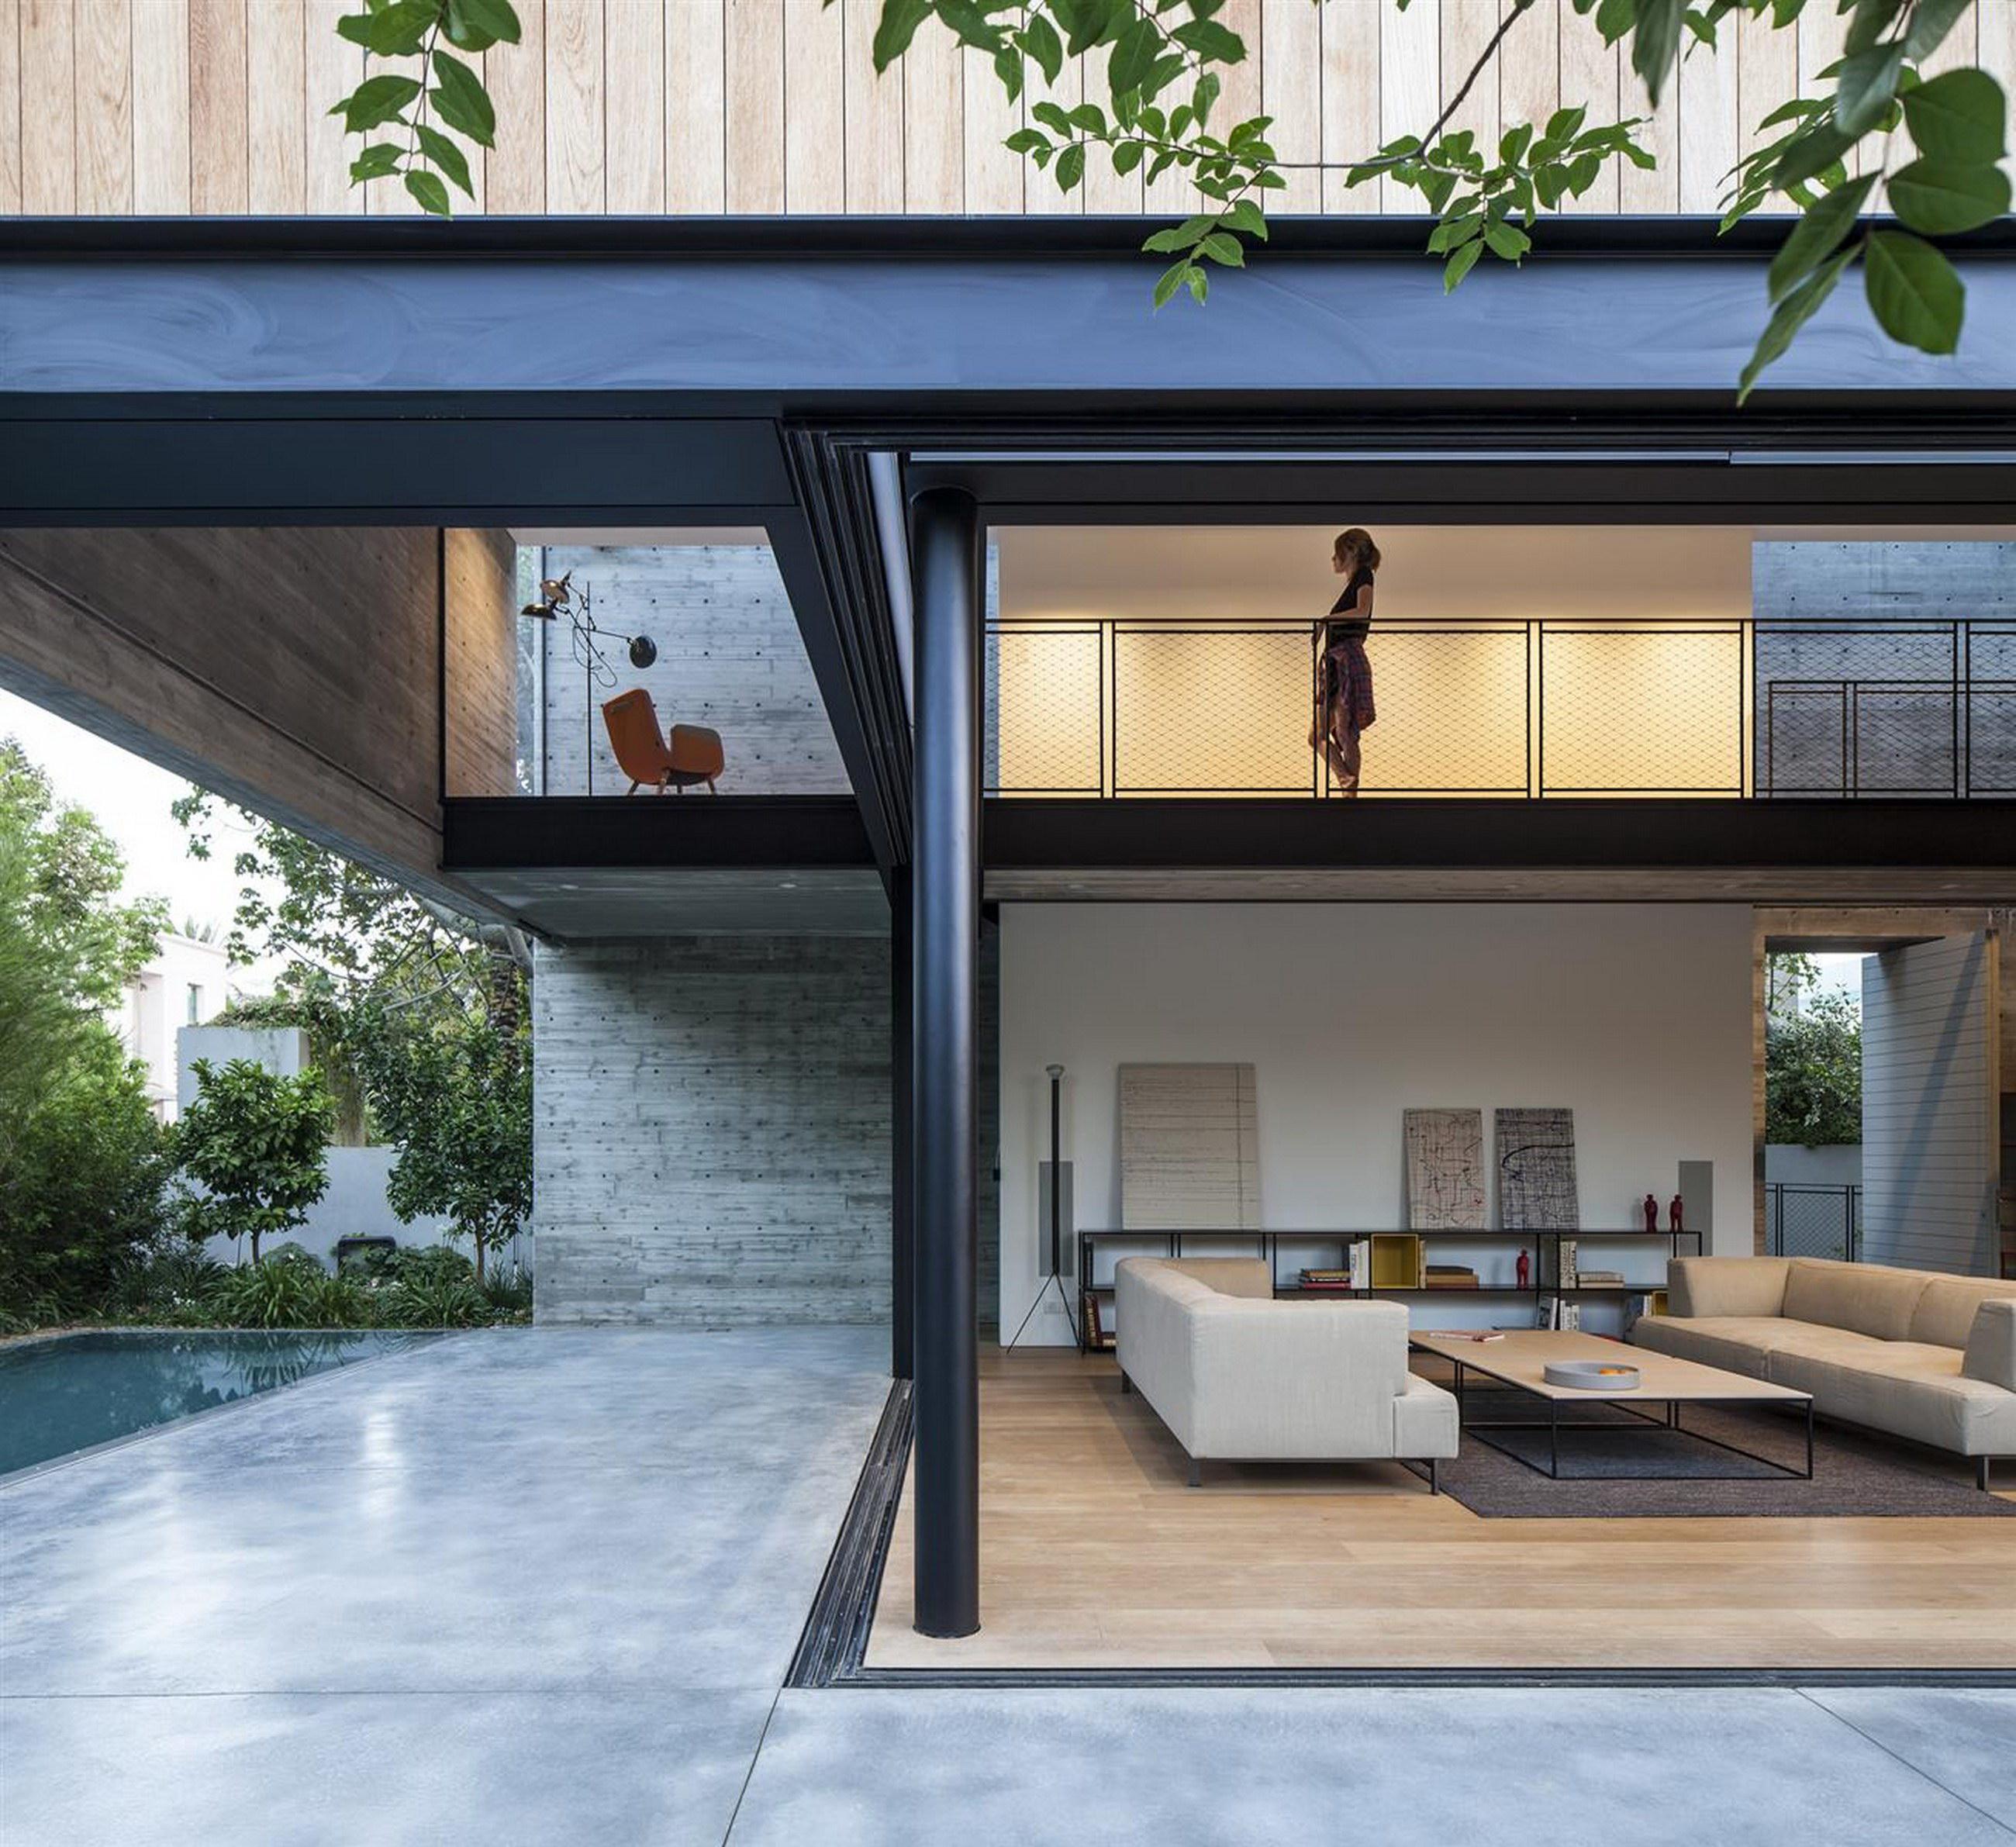 SB House by Pitsou Kedem Architects